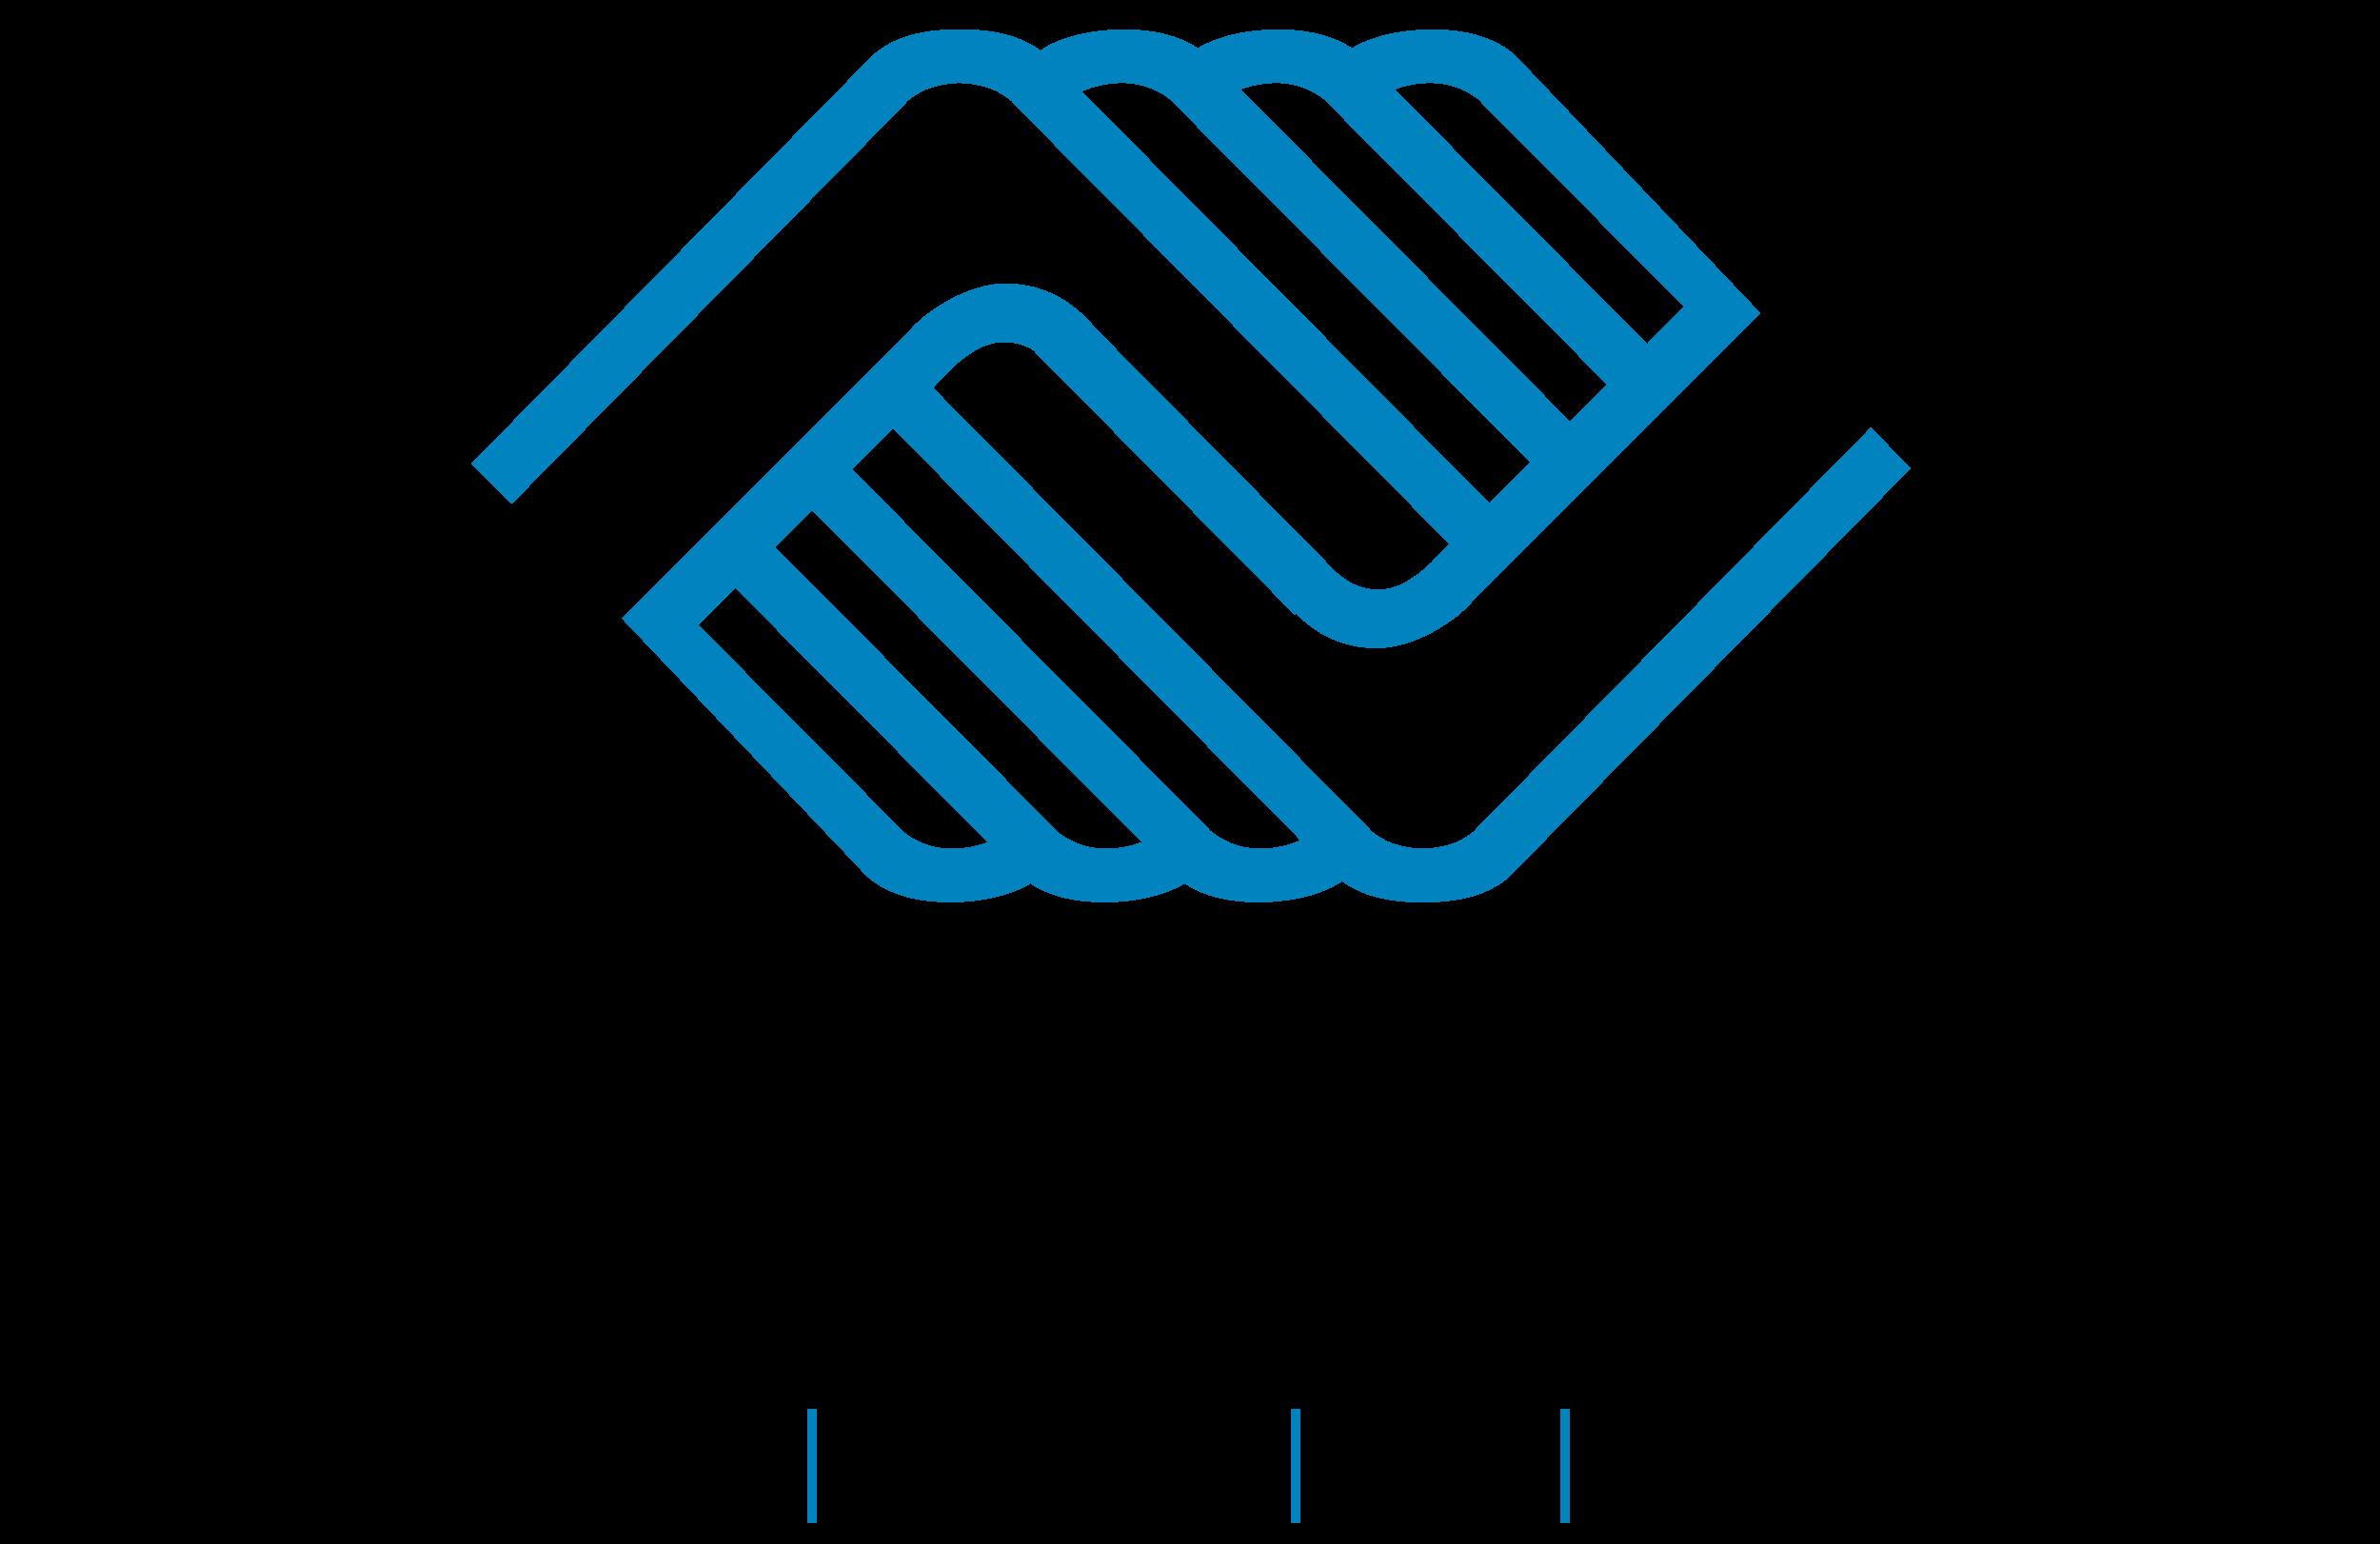 BGCTM 2021 logo